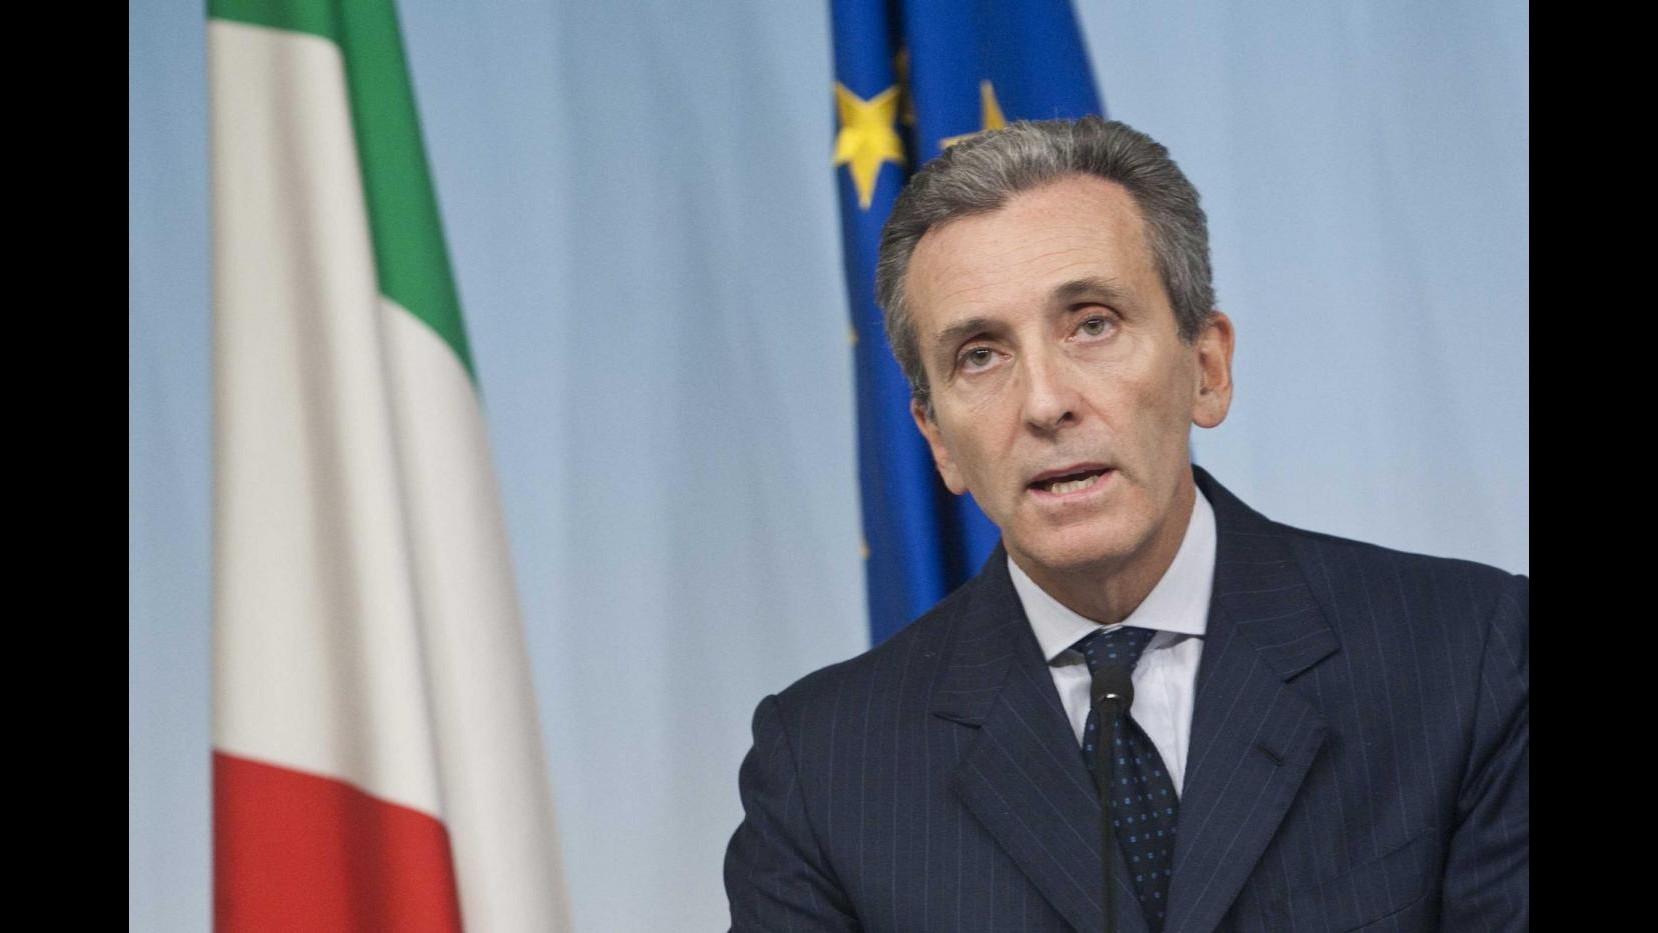 Crisi, Grilli: Ripresa inizierà a metà 2013